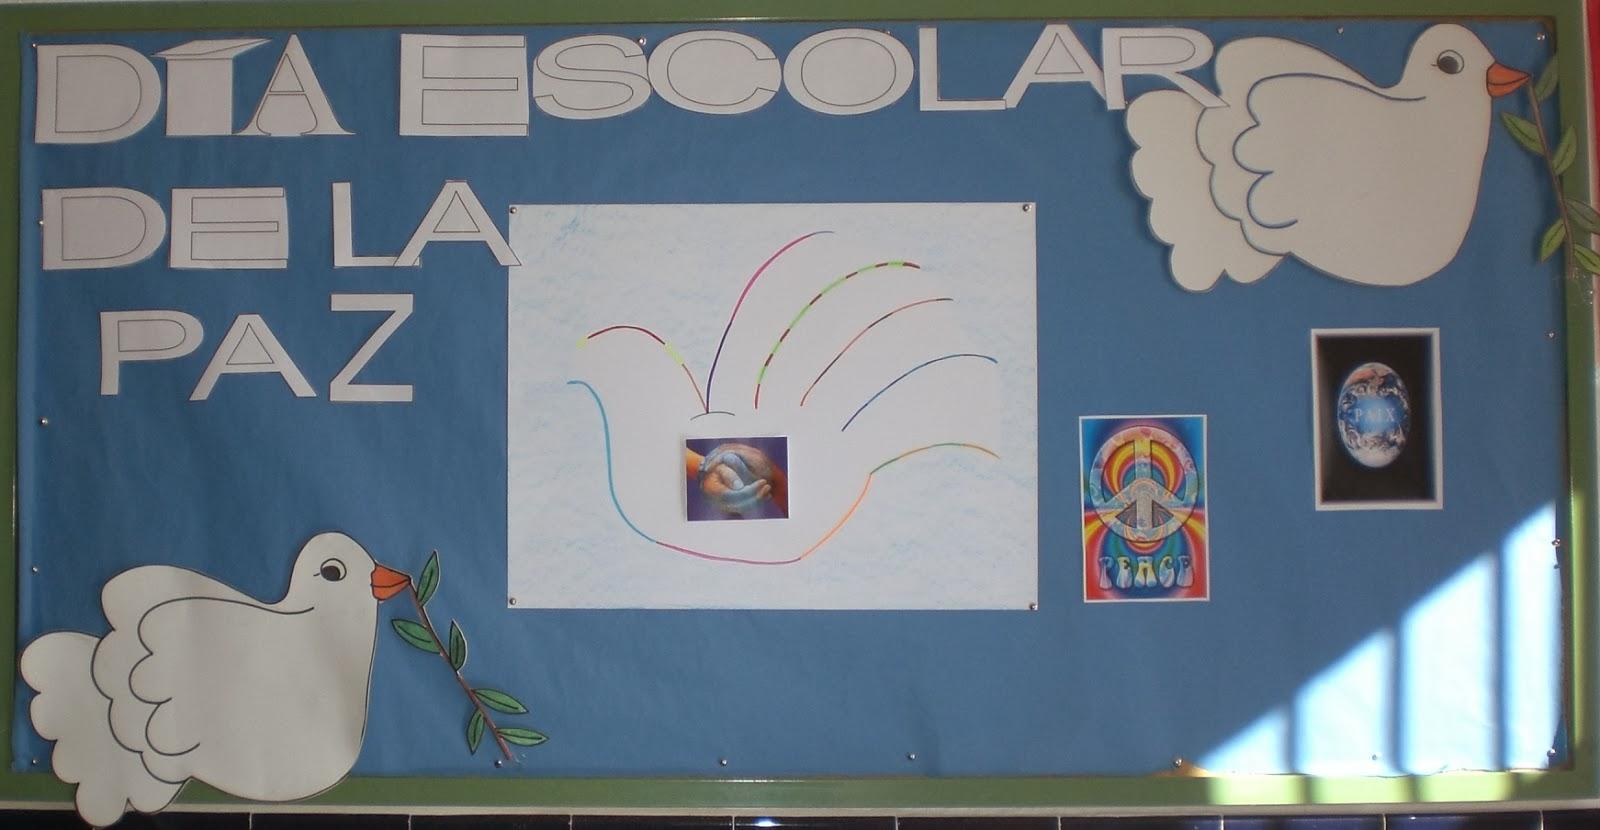 Día De La Paz 30 De Enero De 2007: Colegio Ntra. Sra. De Las Veredas: DIA ESCOLAR DE LA PAZ